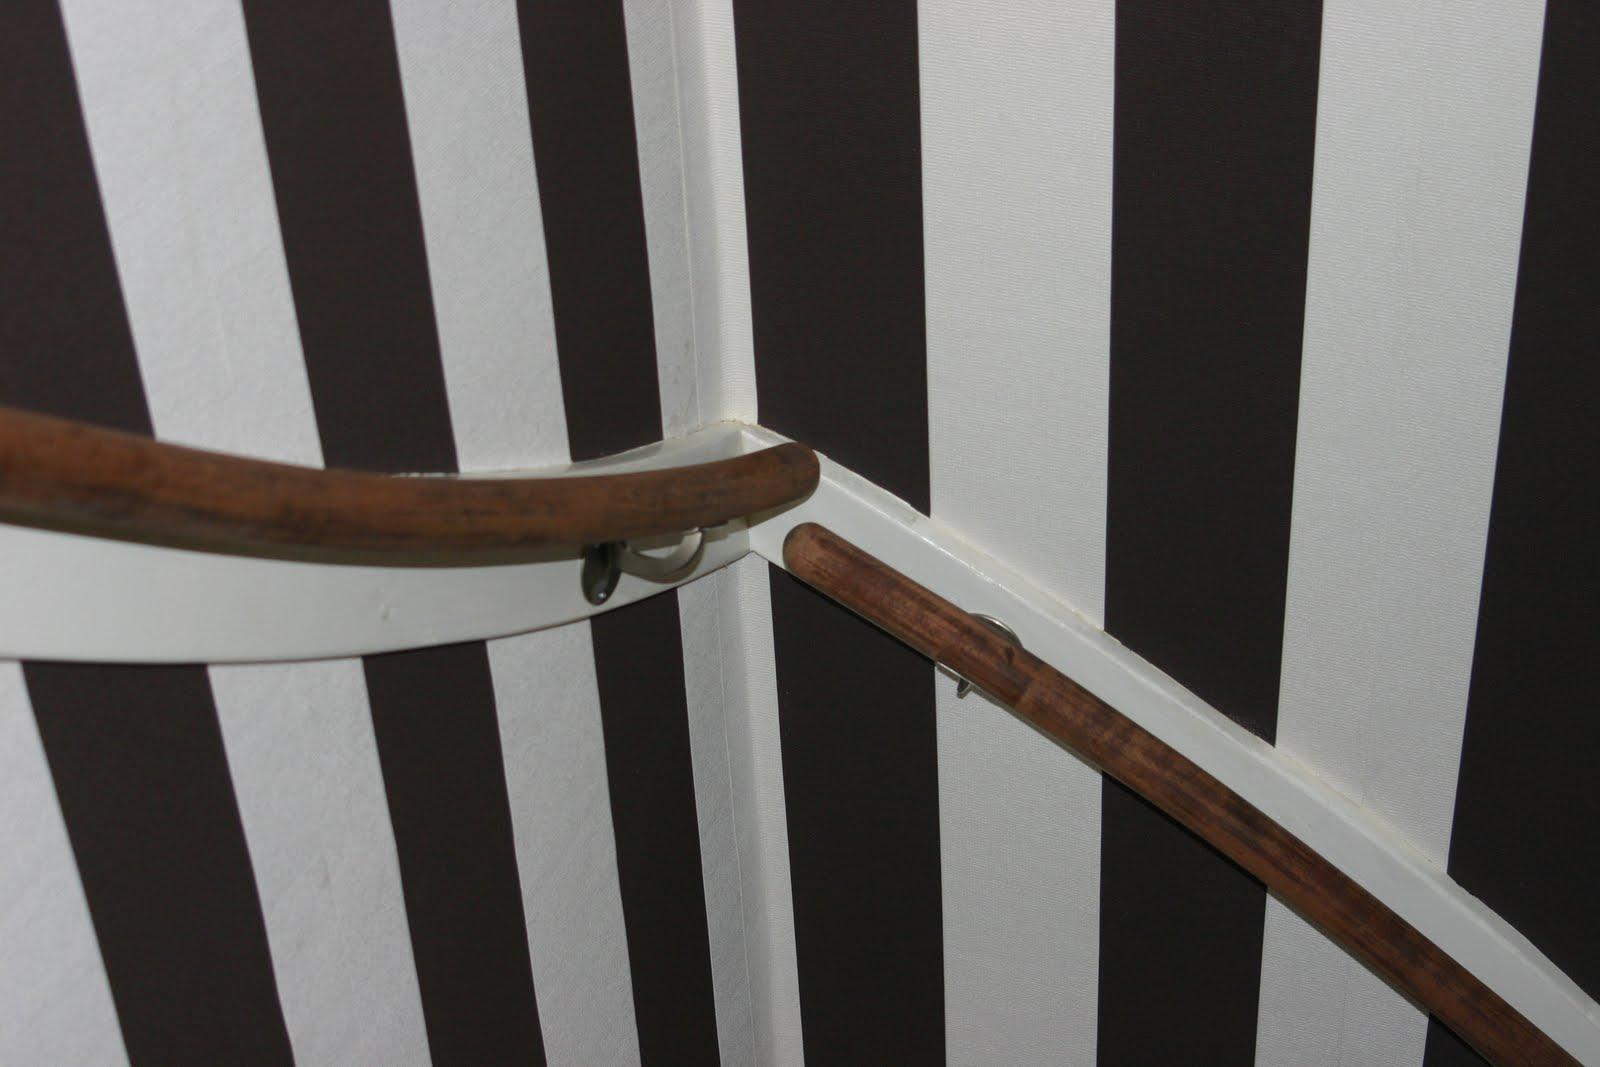 Casa victoria behang in traphuis 1 op 1 for Trapgat behangen